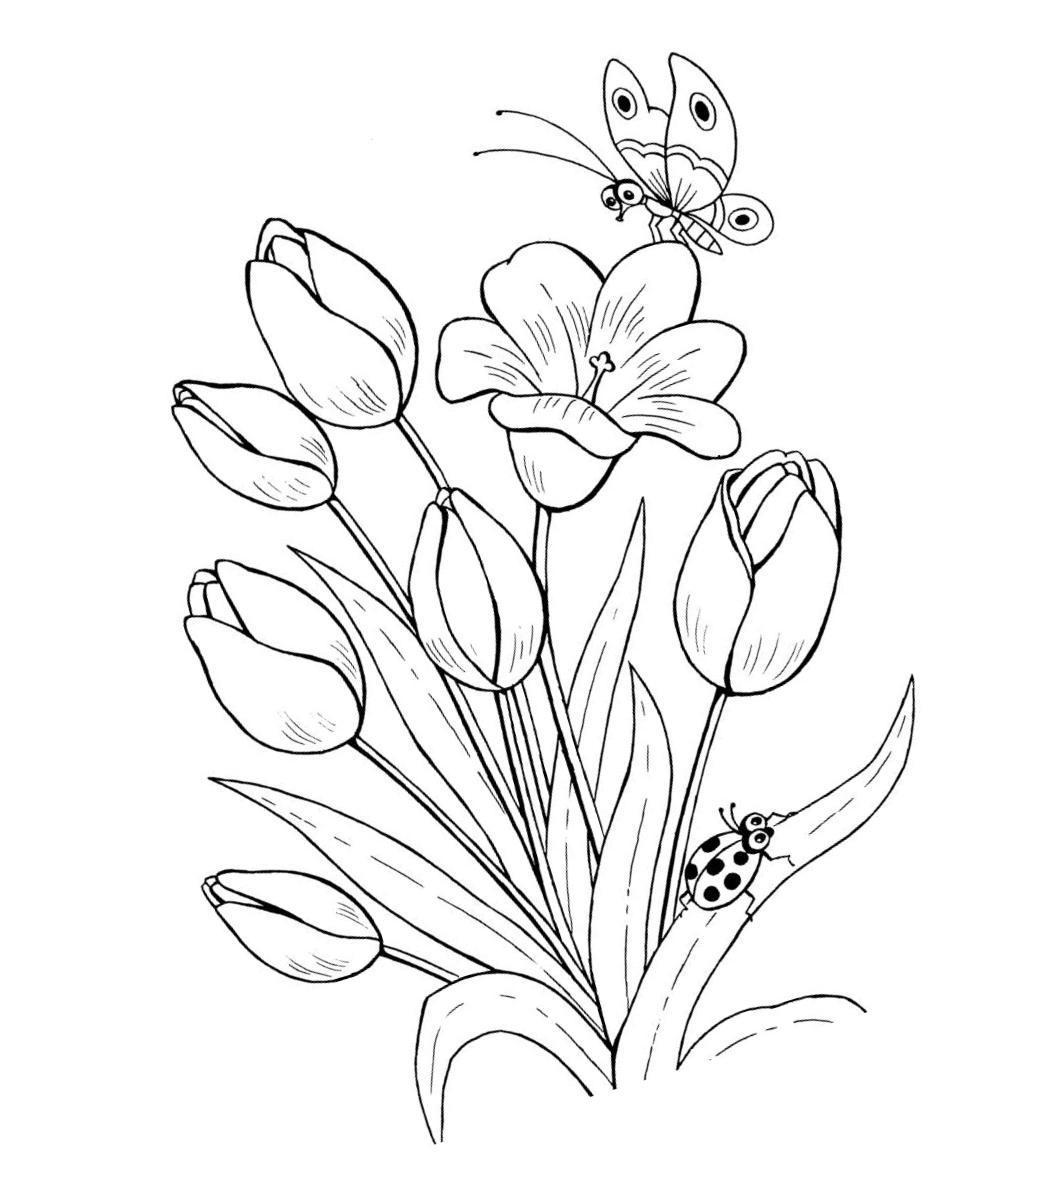 Раскраски онлайн с цветами